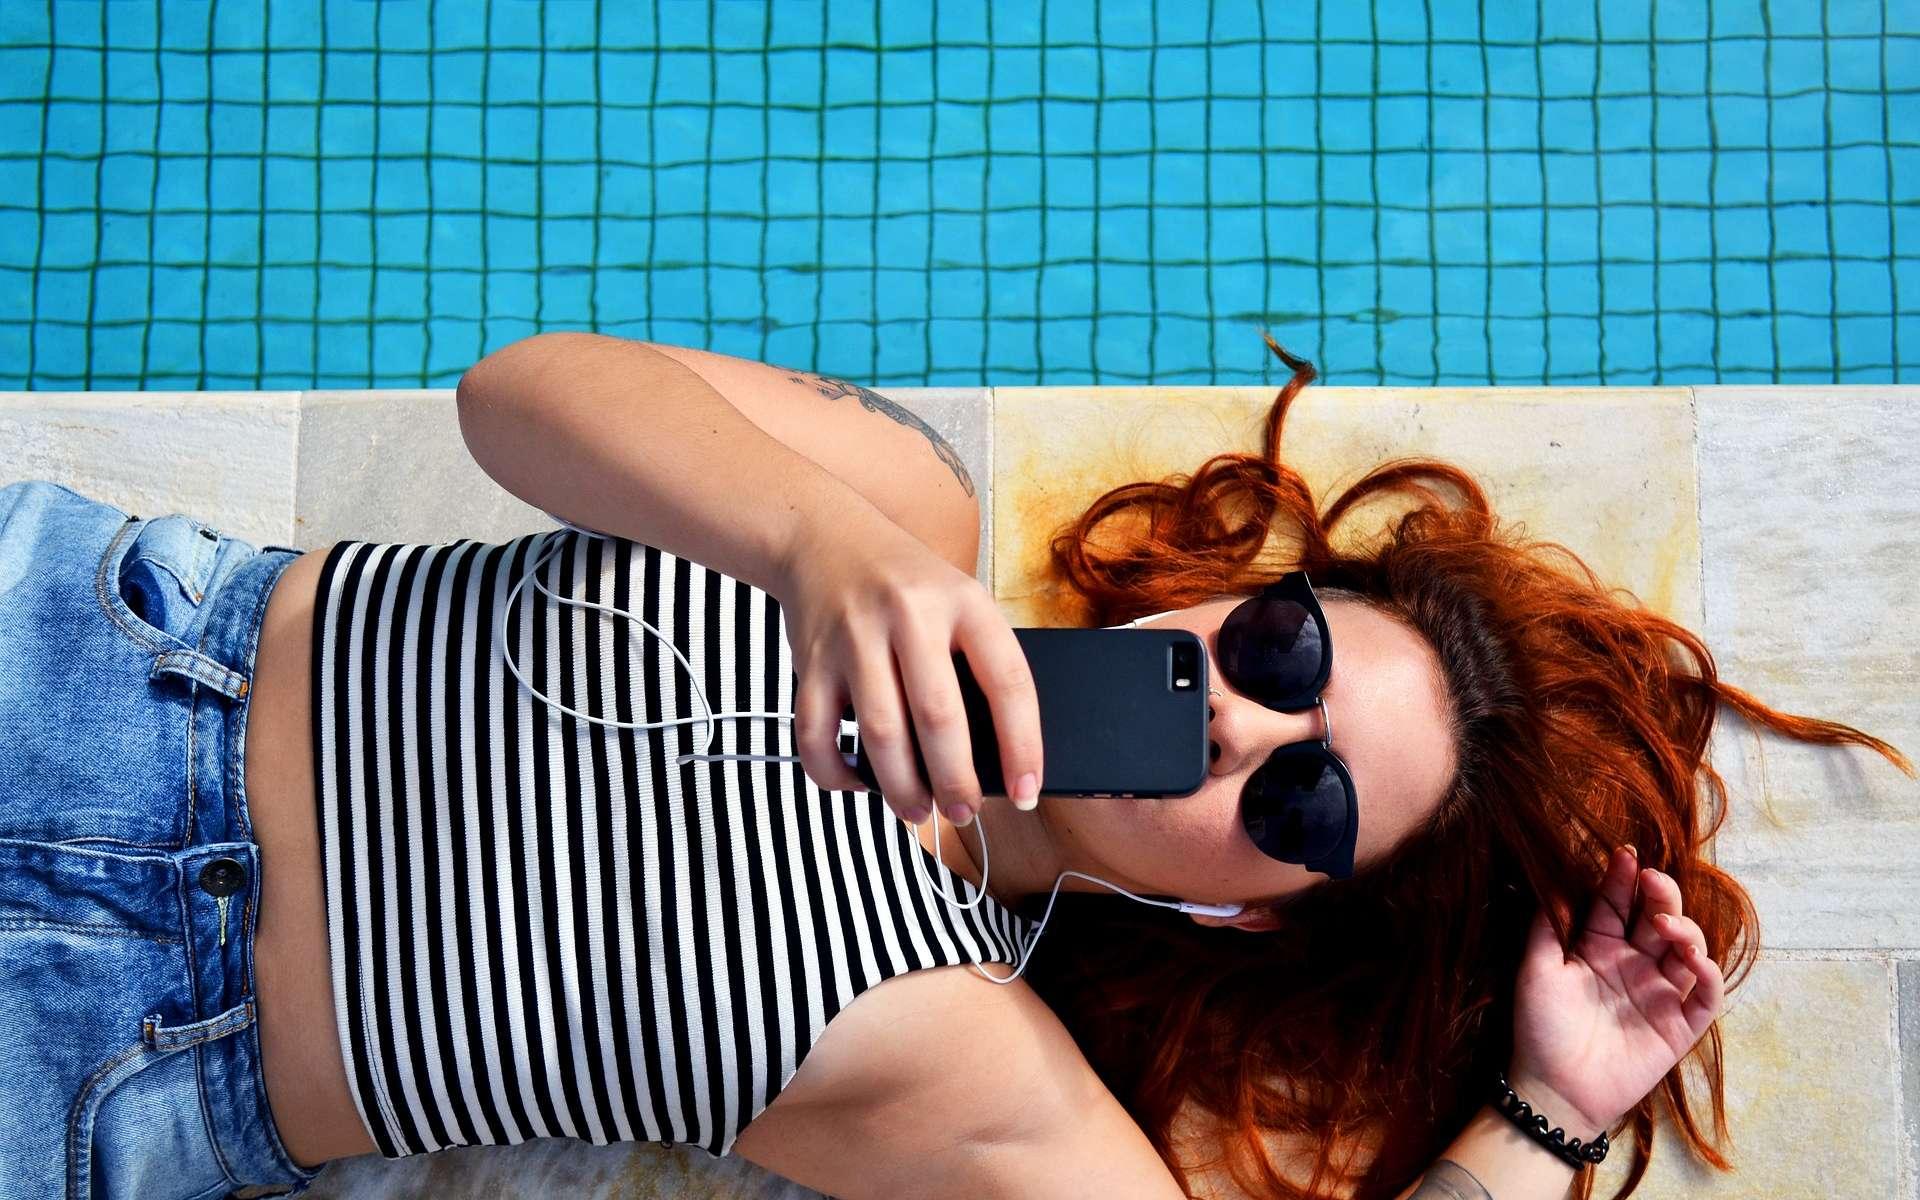 Le forfait 20 Go à seulement 5 euros par mois chez RED by SFR © Pexels, Pixabay